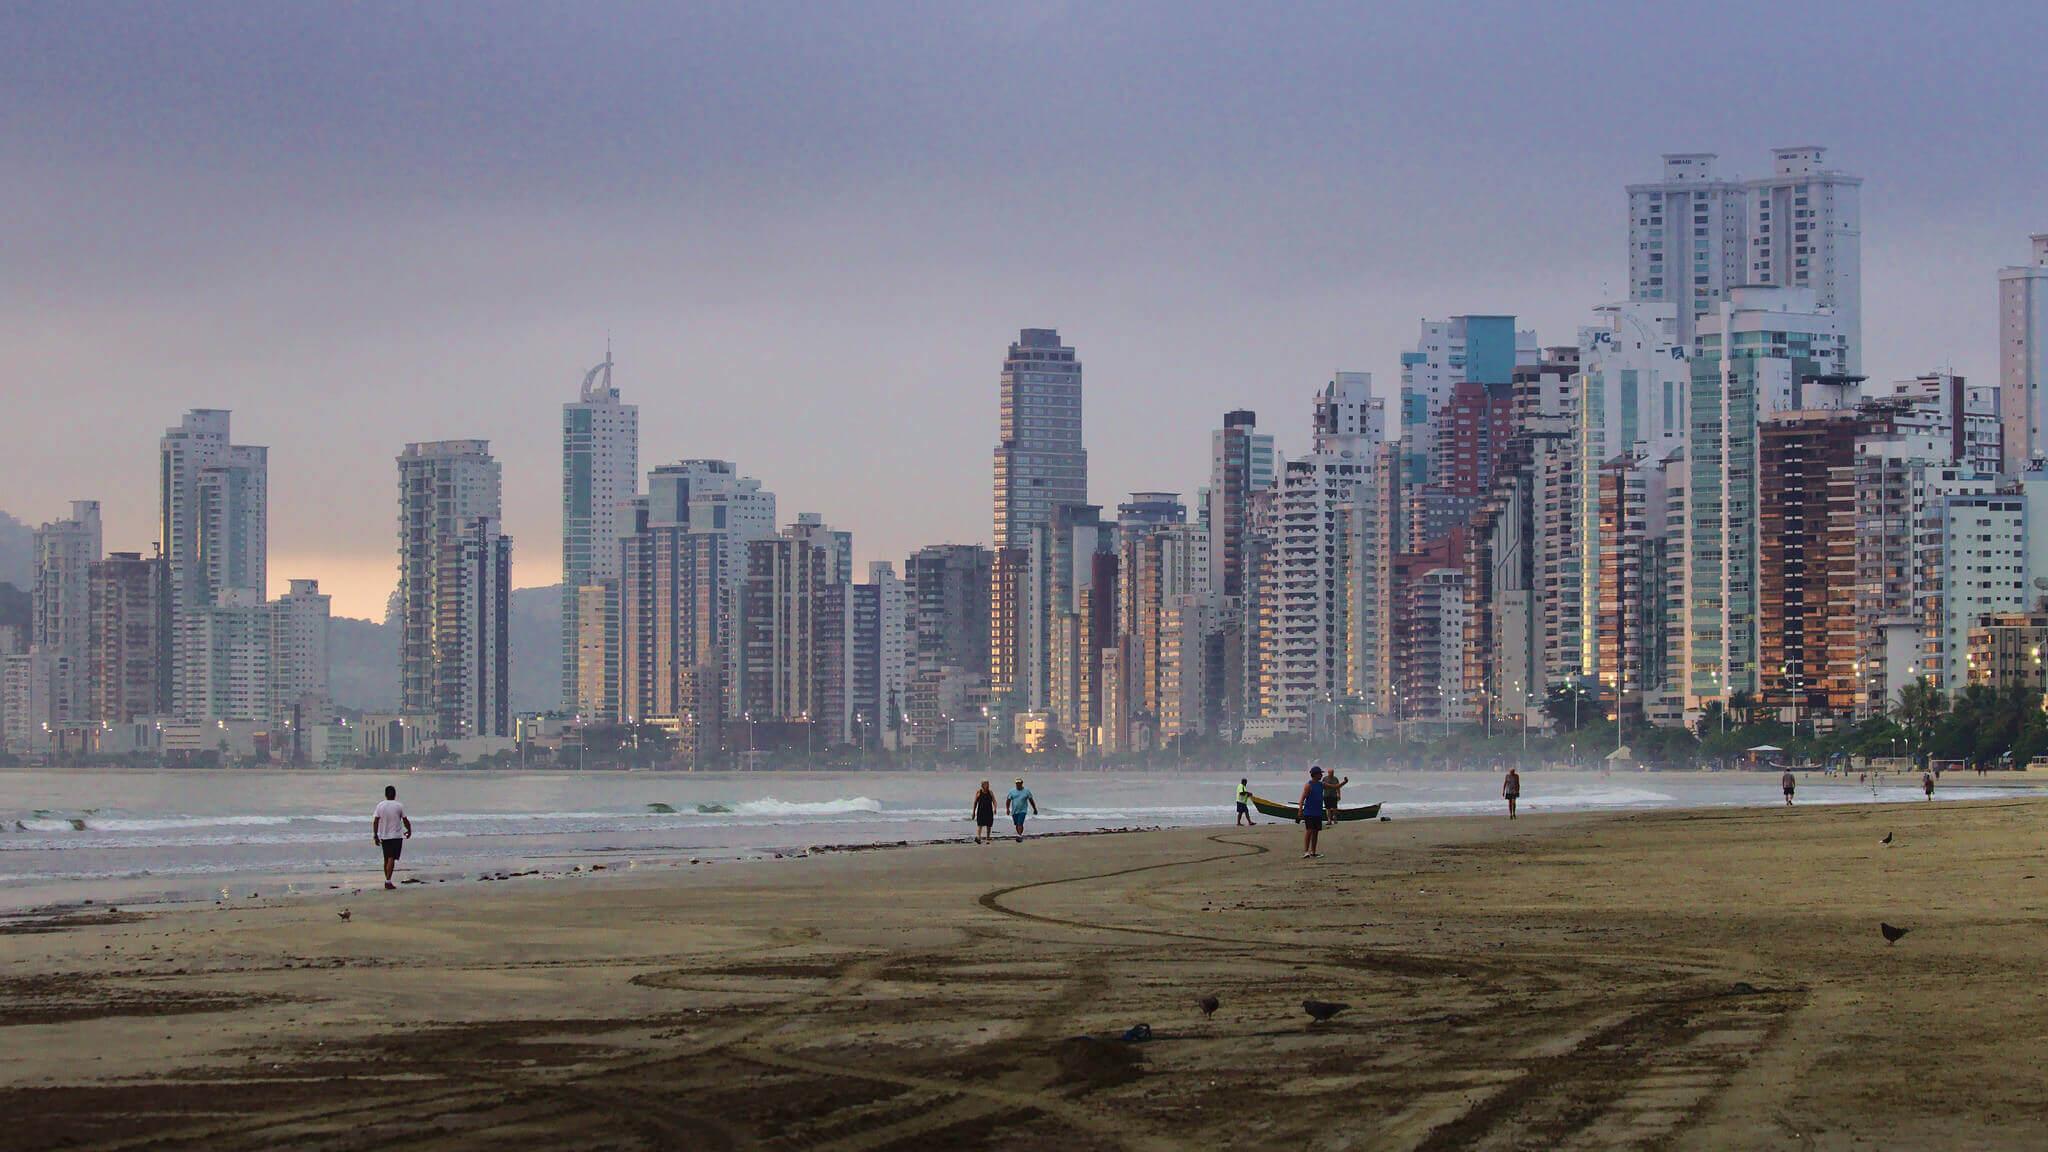 Natureza e cidade se encontram, transformando a paisagem.